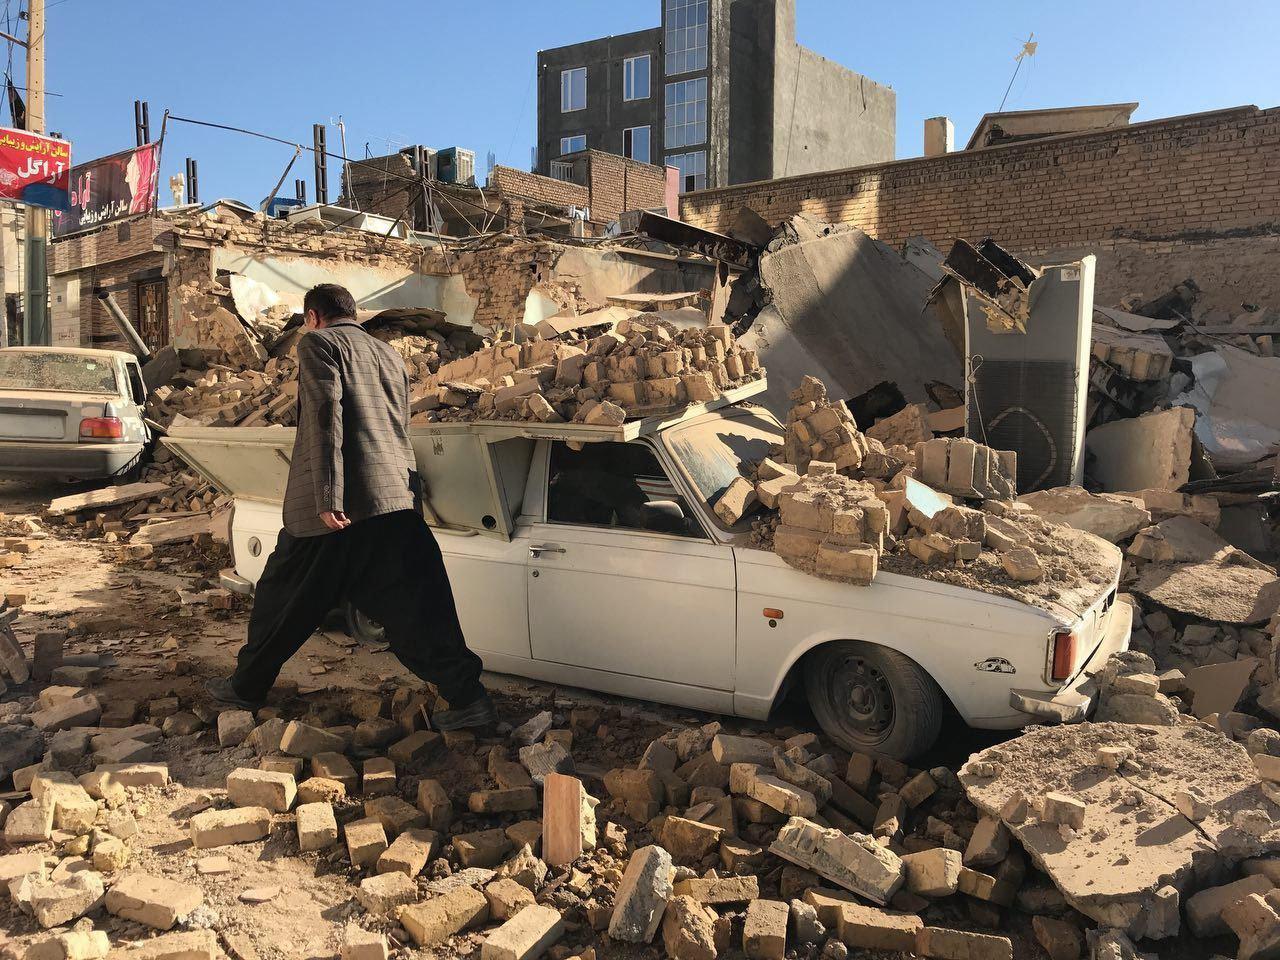 31هزار واحد در مناطق زلزله زده دچار خسارت شدند